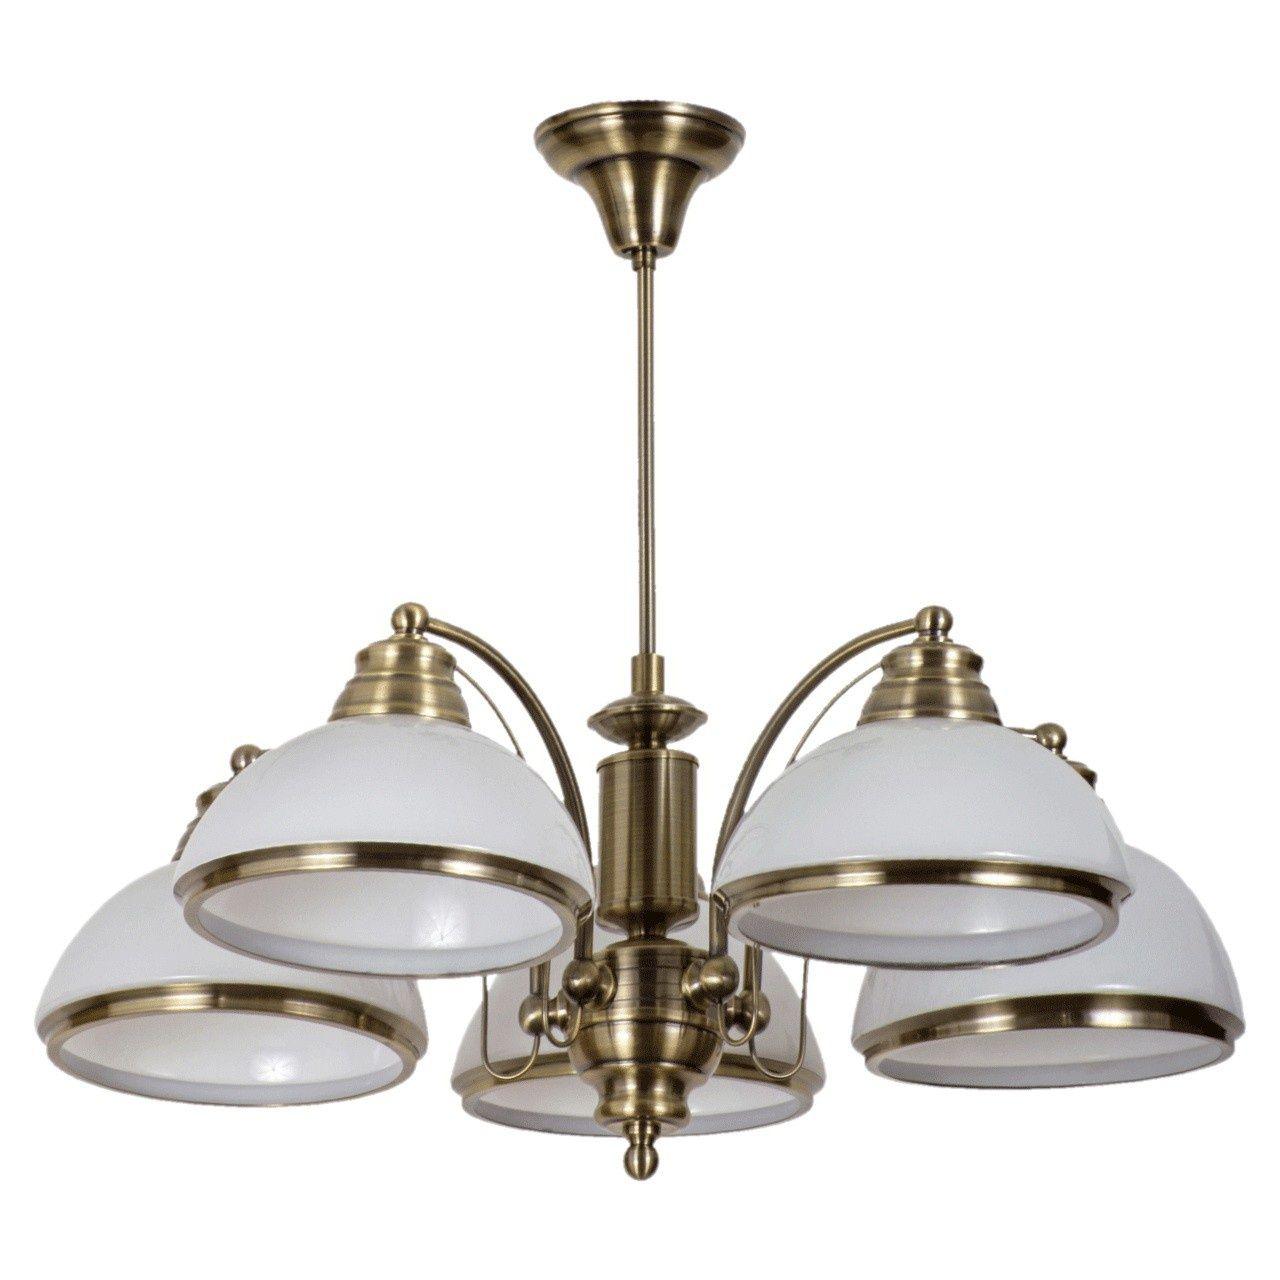 Plafonnier luminaire lustre moderne coloré en bronze, plafonniers 5 ampoules…